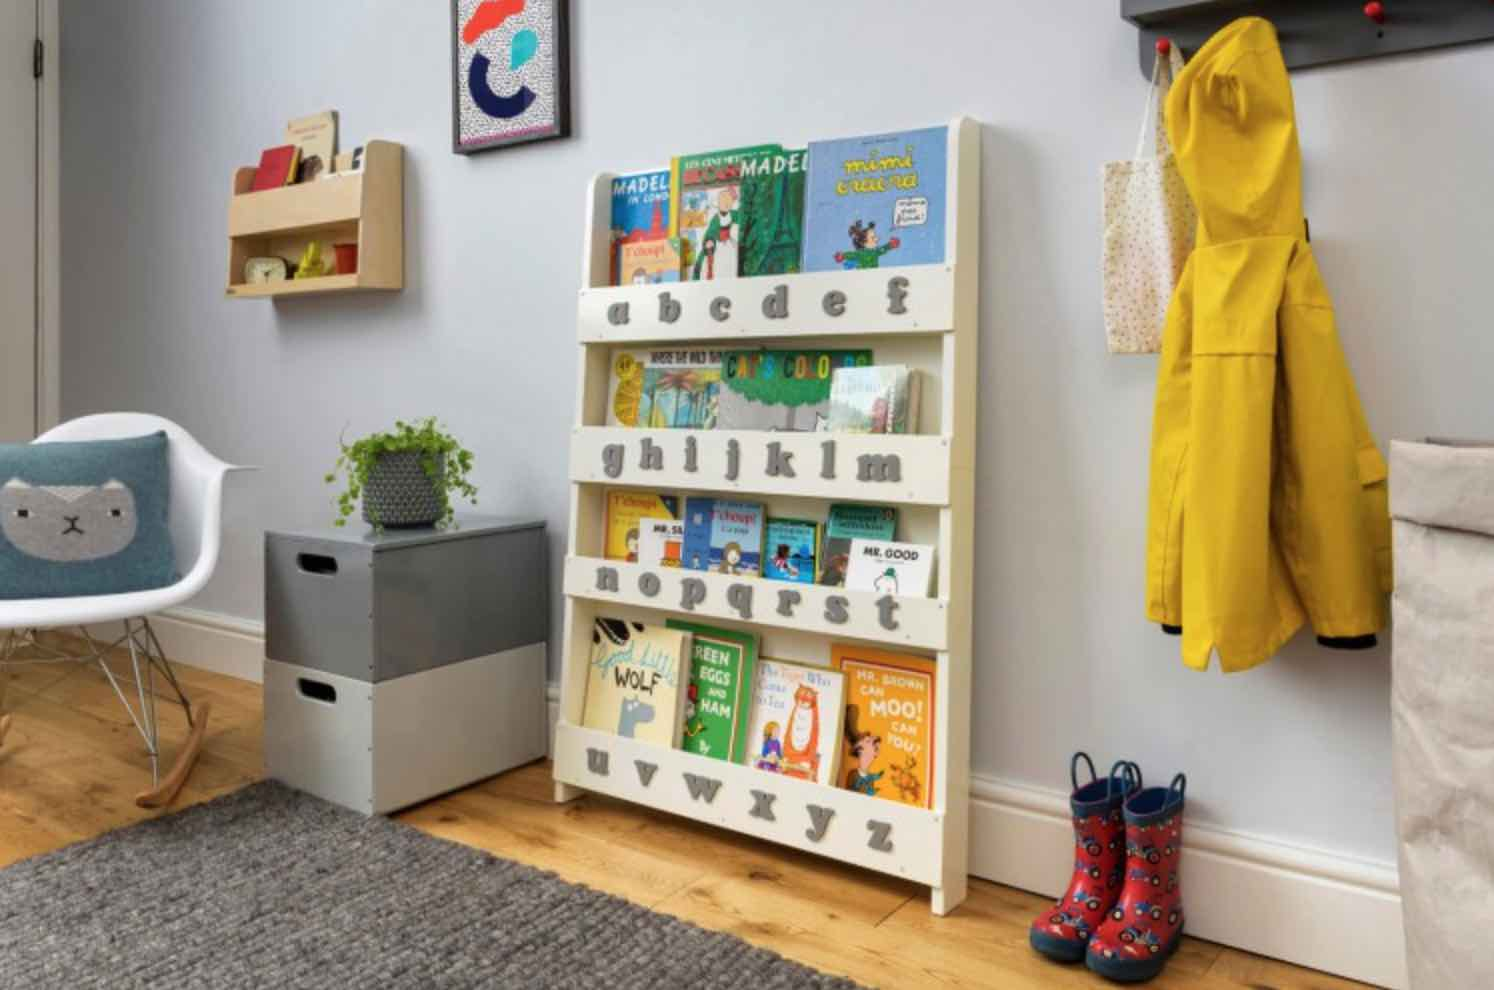 librerie frontali stanze bimbi in stile montessoriano